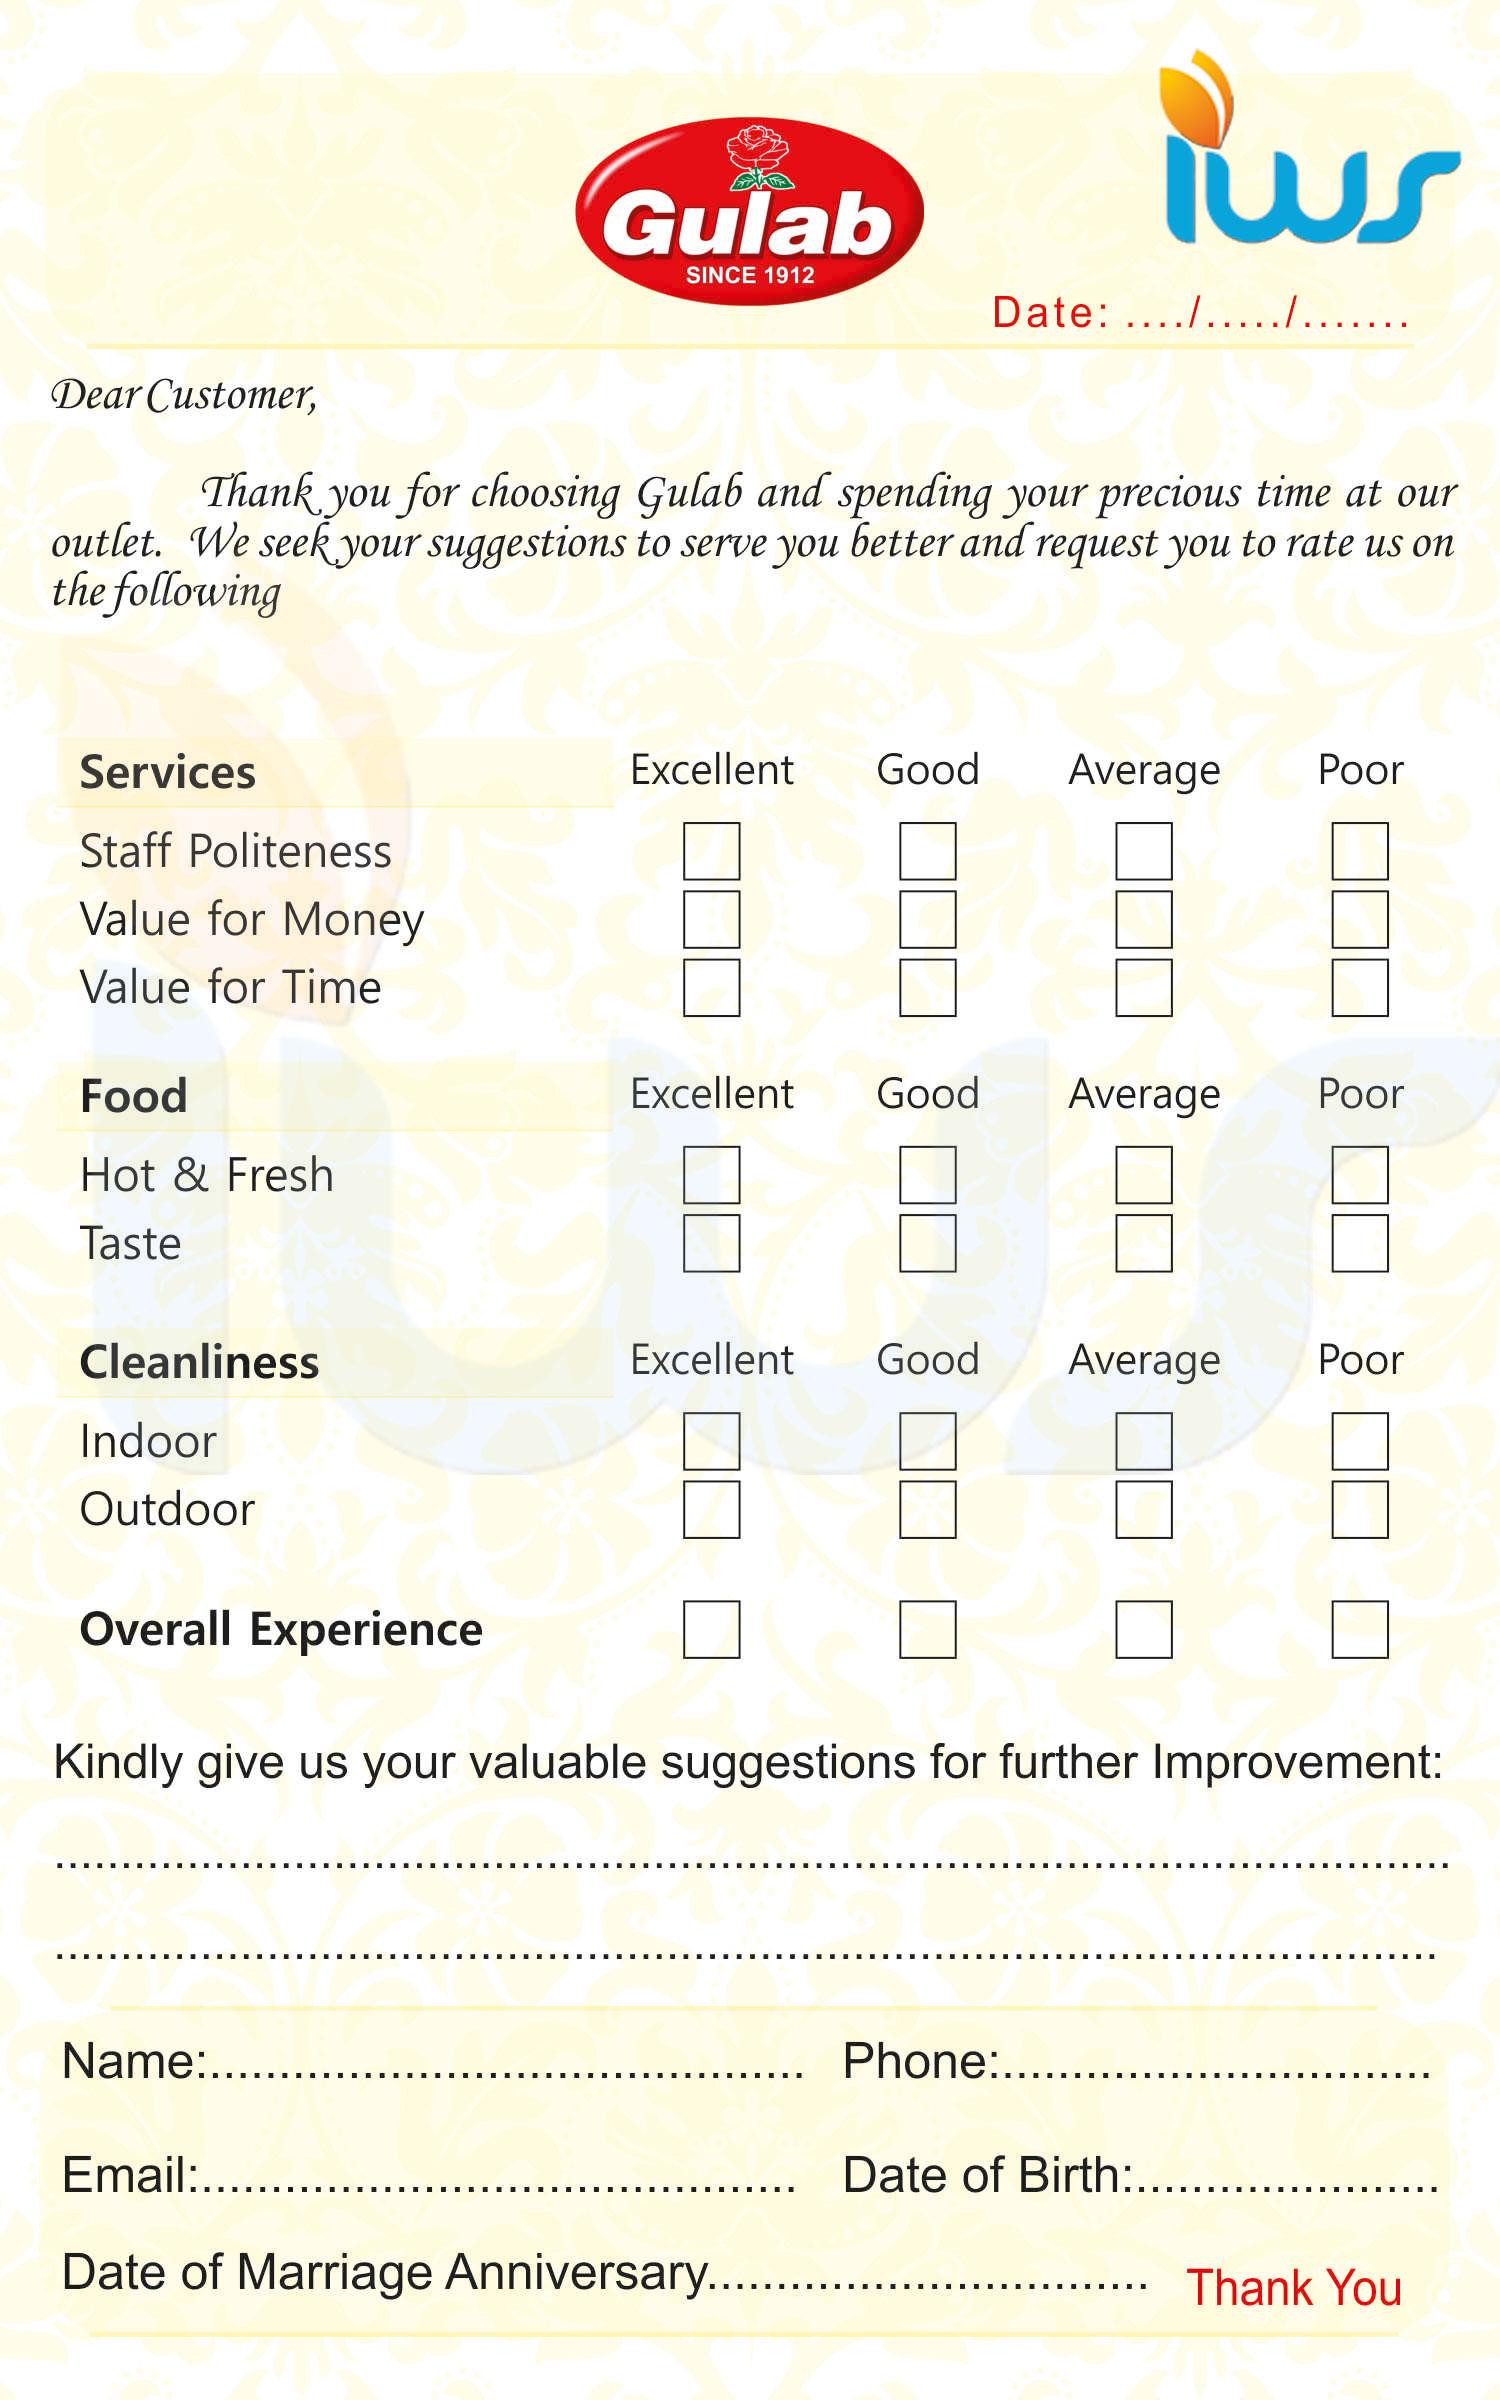 Eliciting Customer Feedback In Restaurant Restaurant Customer Satisfaction  Surveys From Infosurv Restaurant Customer Satisfaction Surveys Help